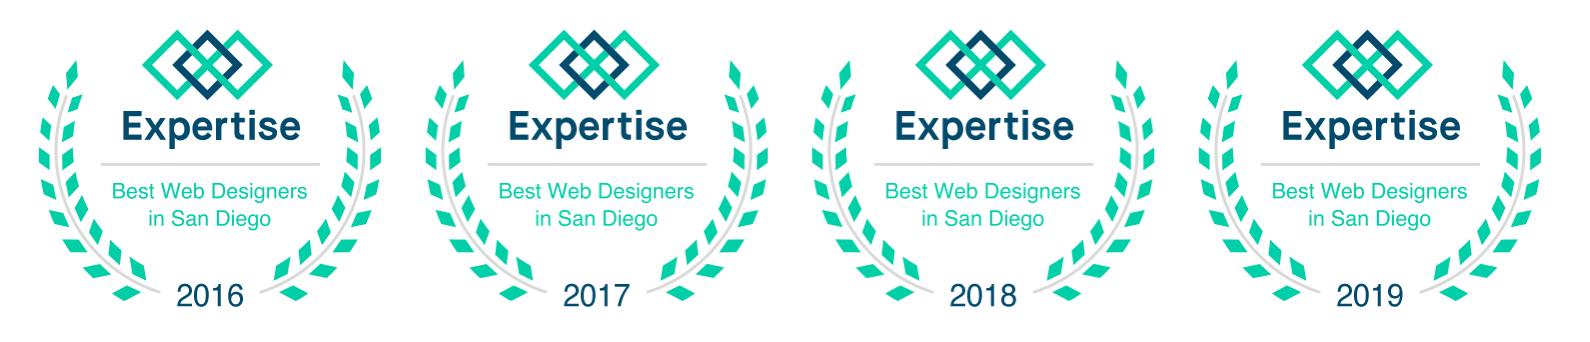 ginger-hill-marketing-expertise-best-web-designer-san-diego.png